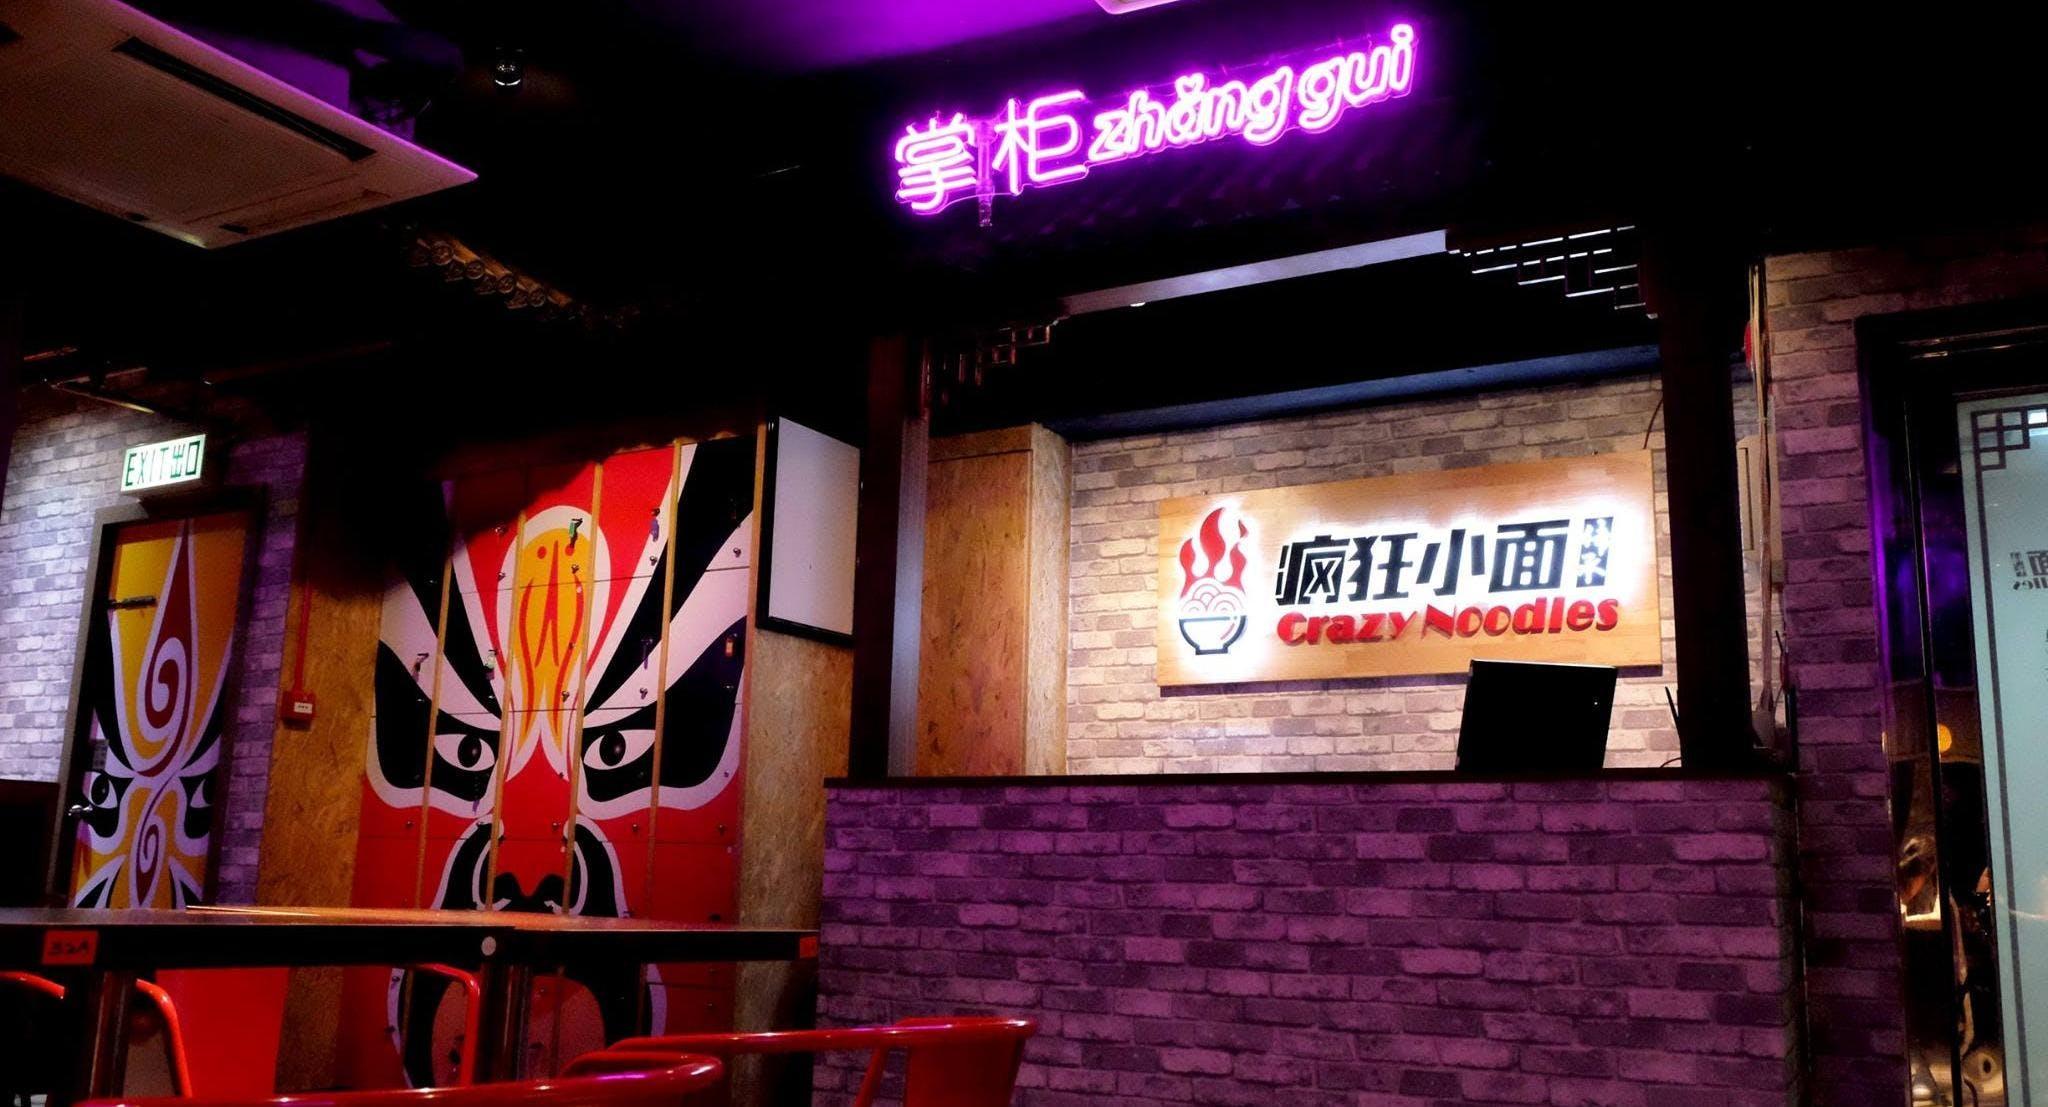 Crazy Noodles 瘋狂小面 Hong Kong image 2